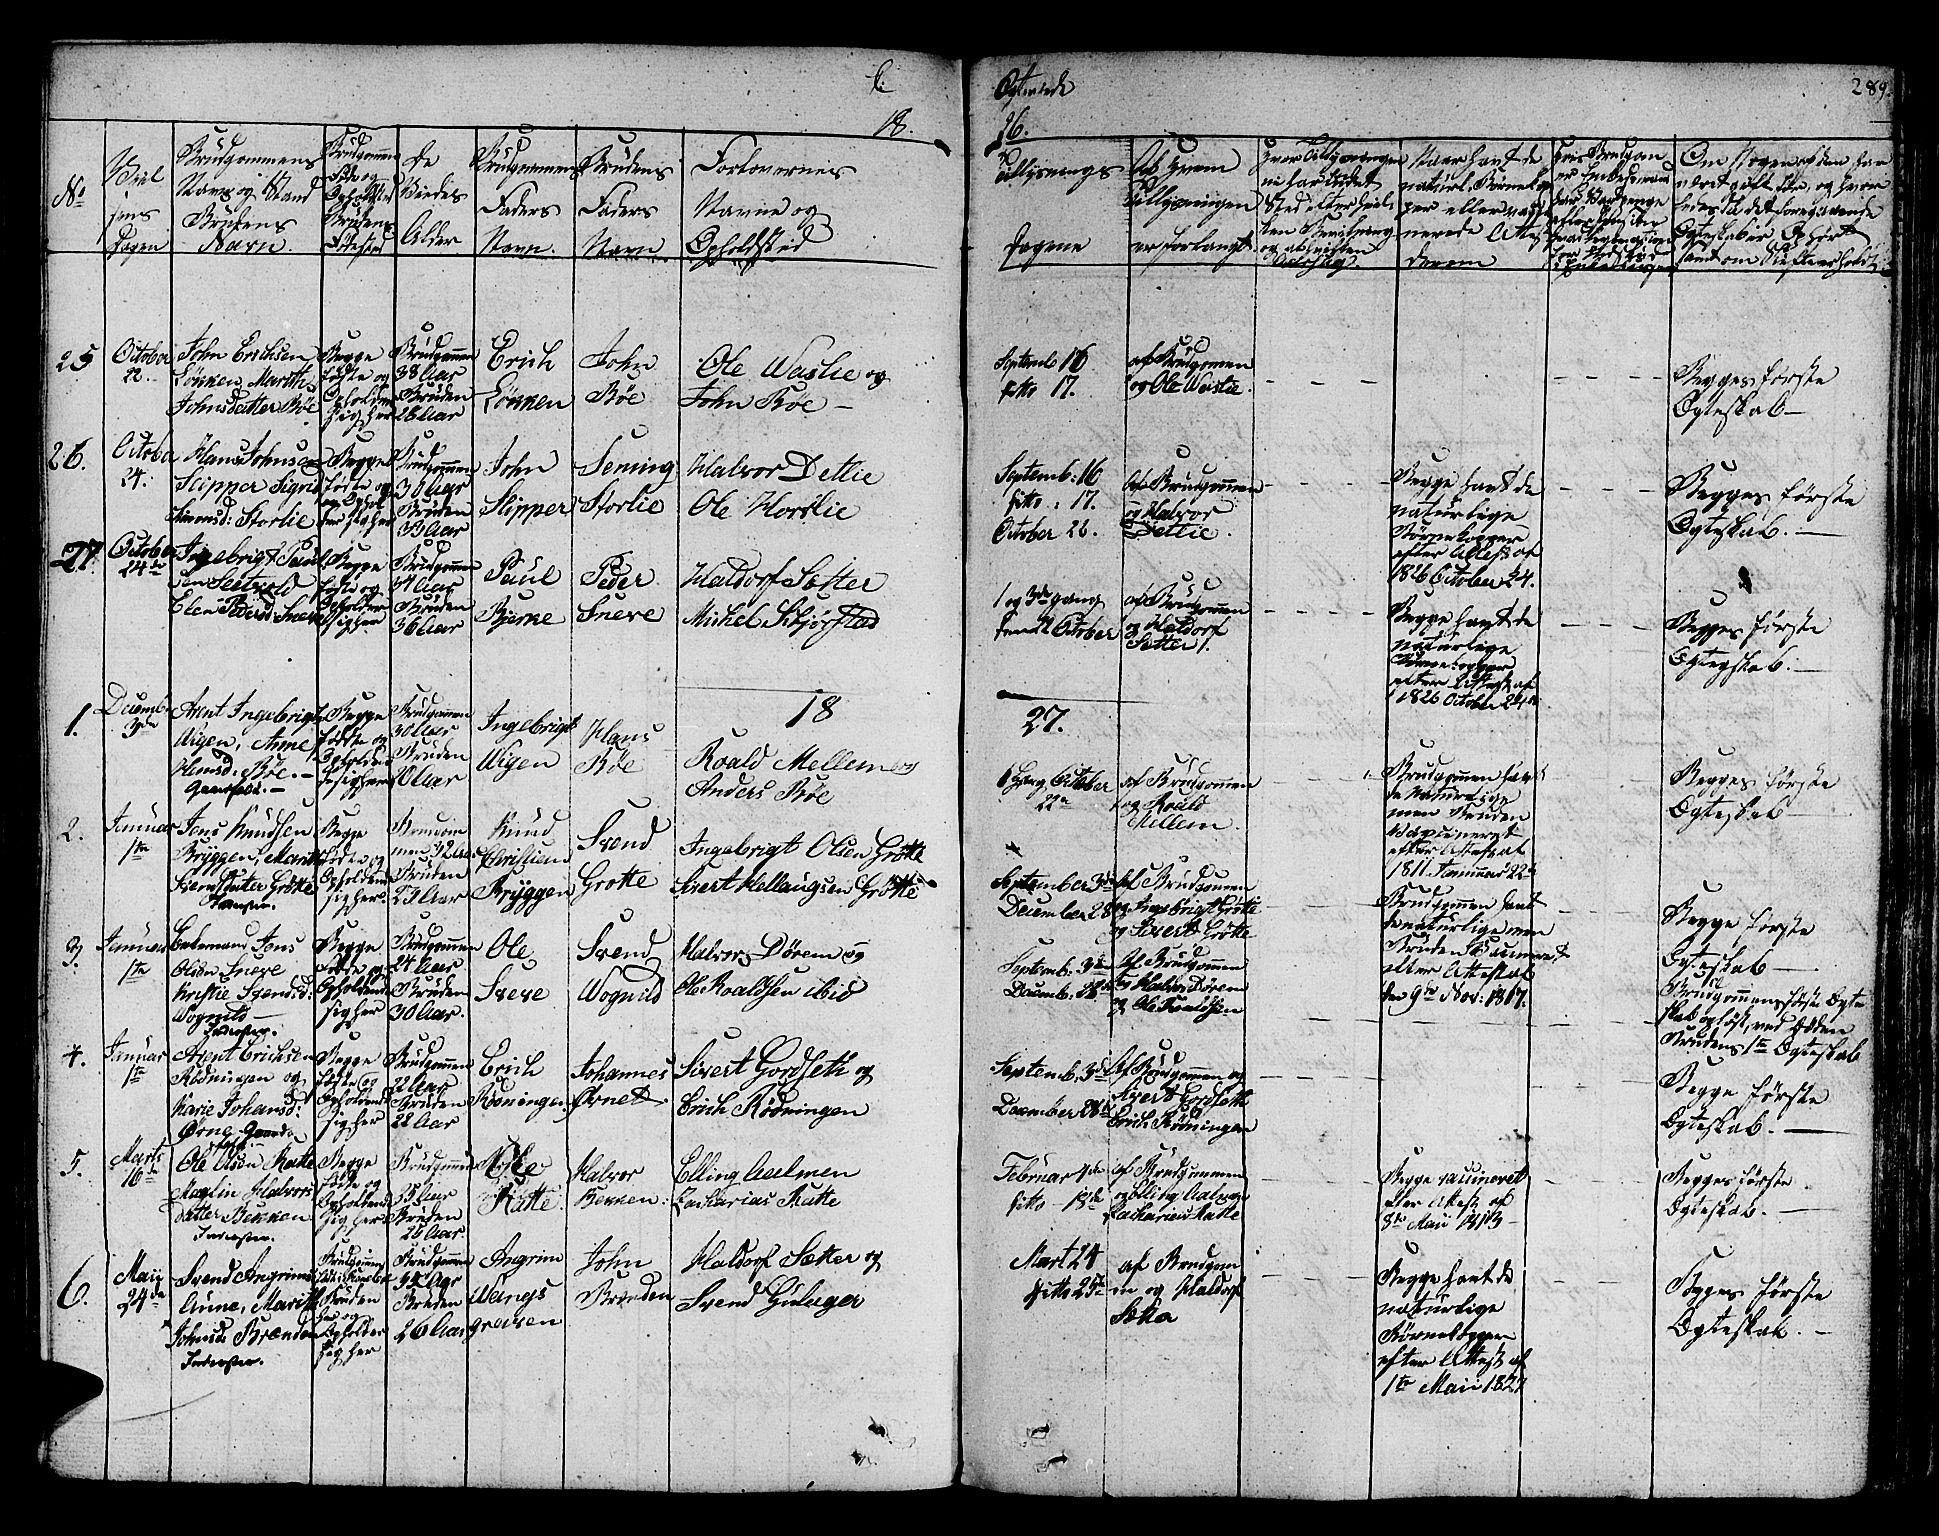 SAT, Ministerialprotokoller, klokkerbøker og fødselsregistre - Sør-Trøndelag, 678/L0897: Ministerialbok nr. 678A06-07, 1821-1847, s. 289